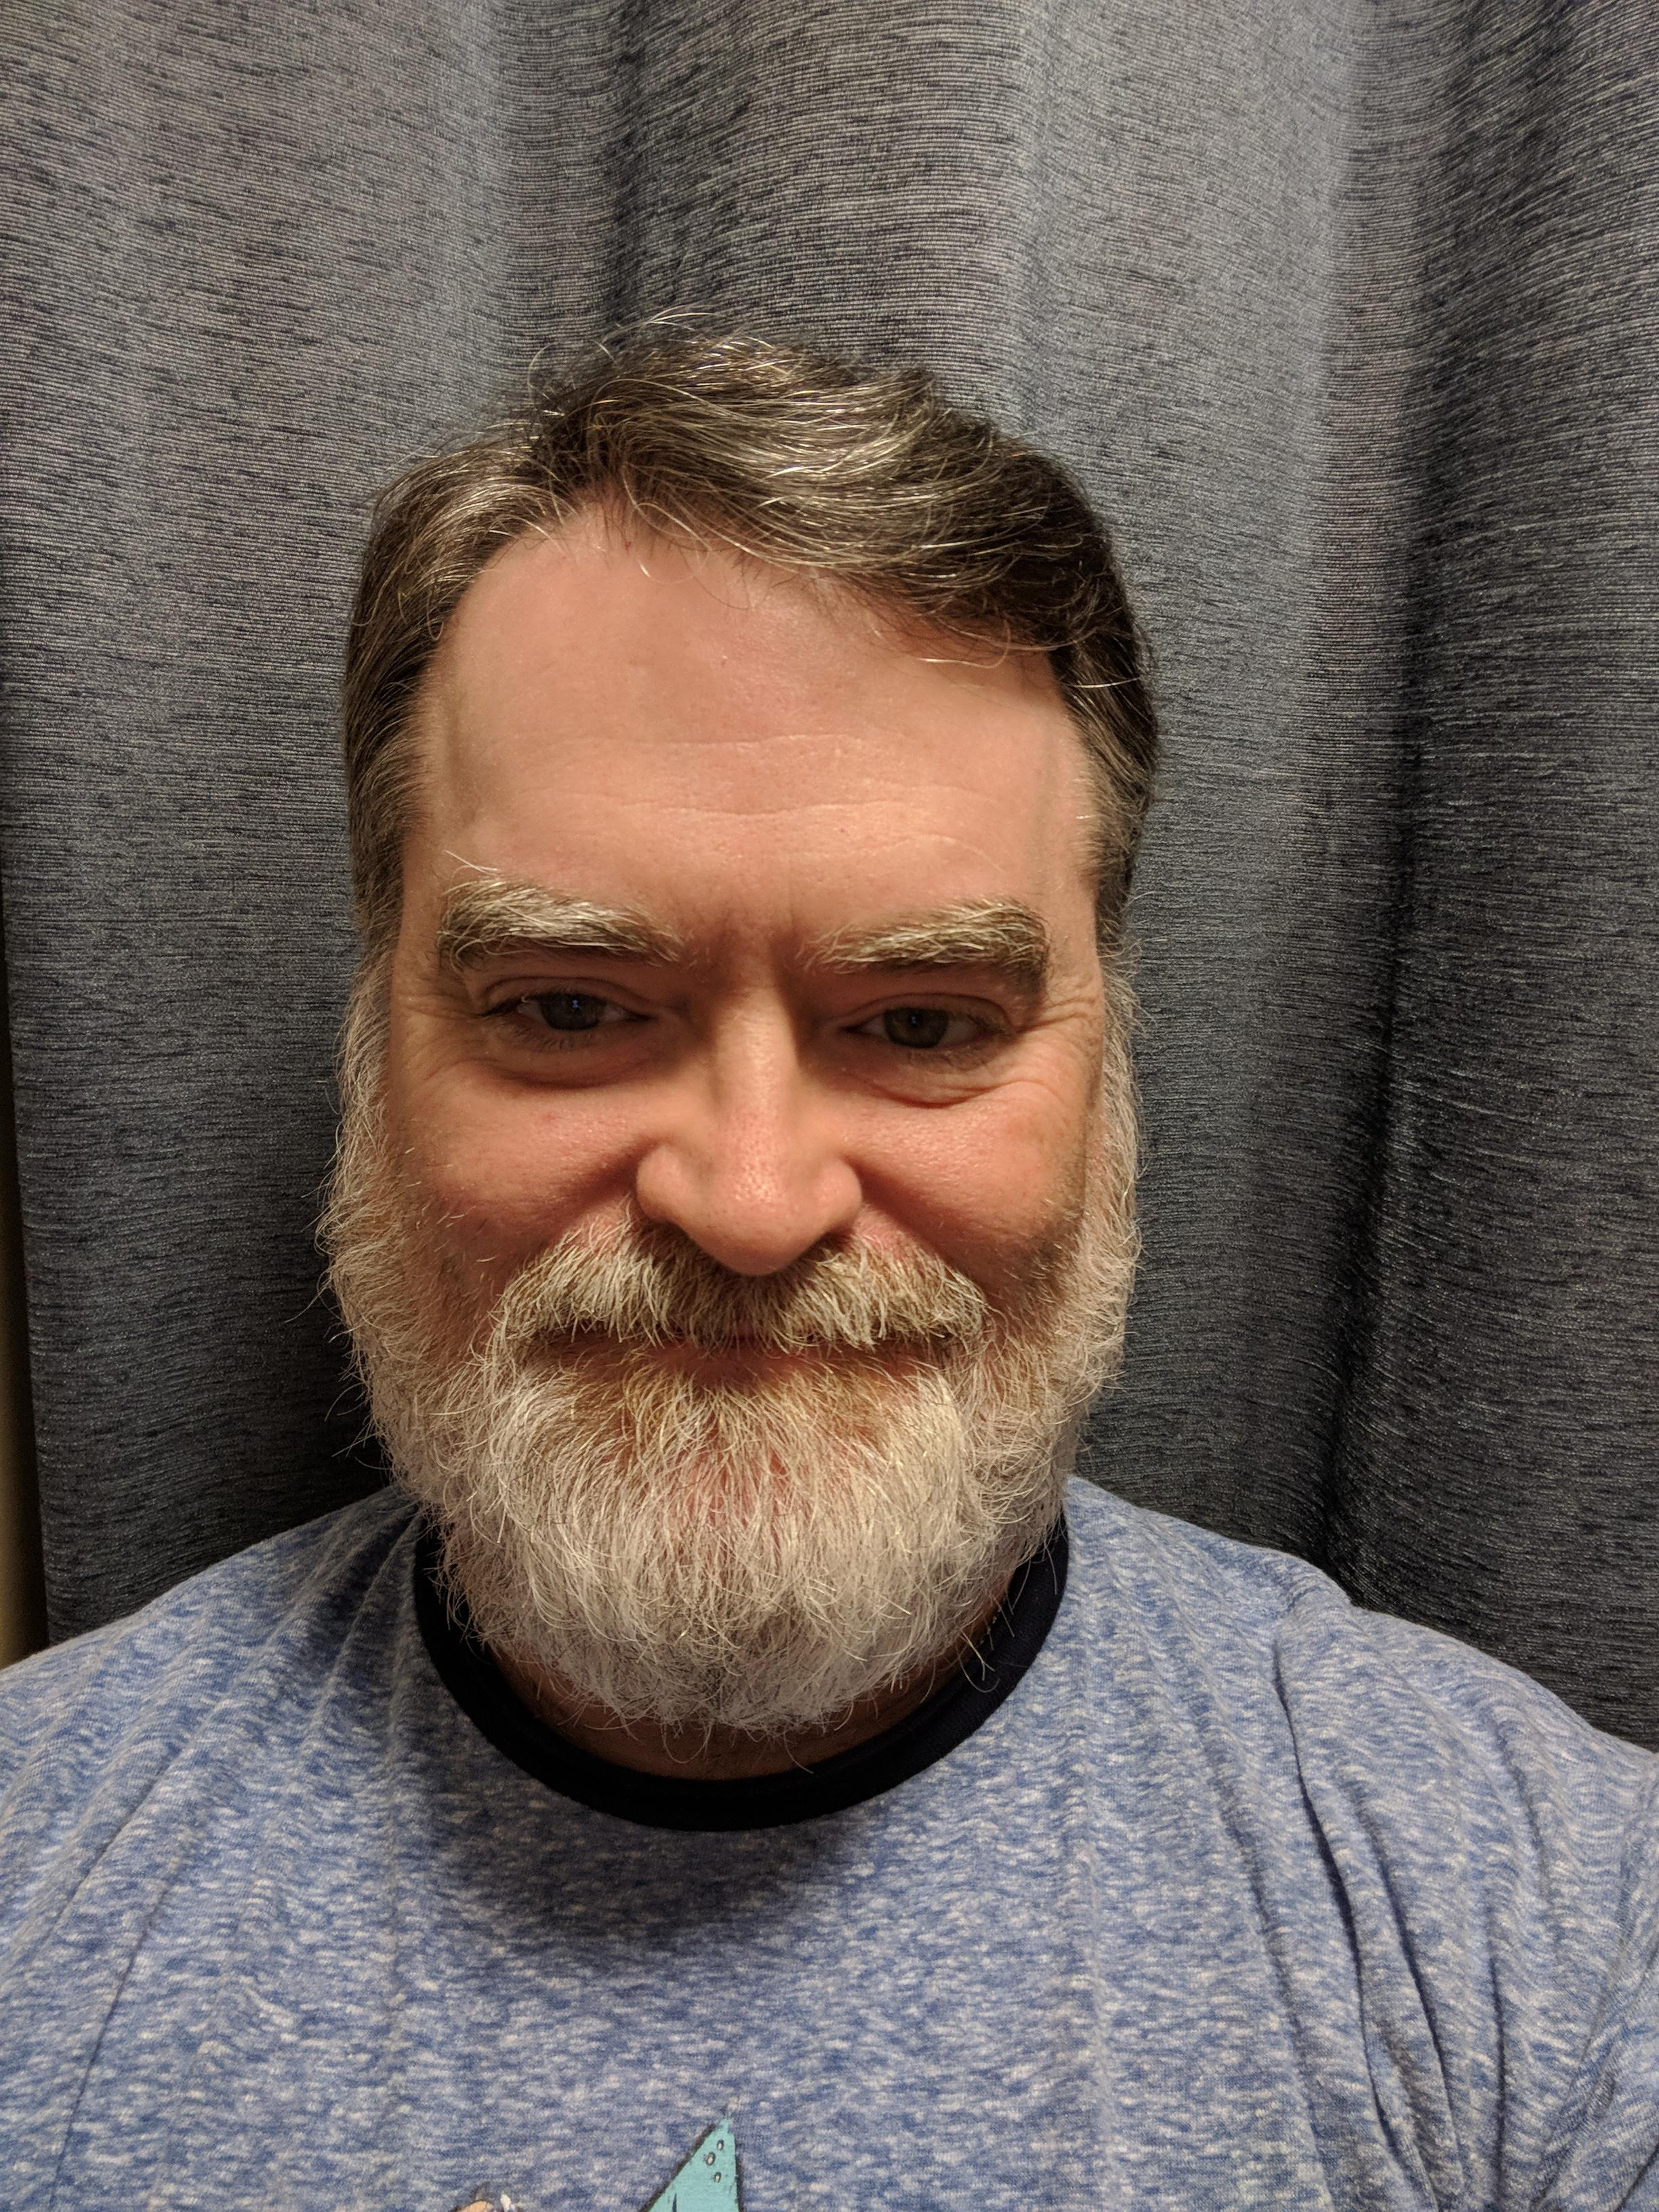 Thomas Jordan No Shave November 2018